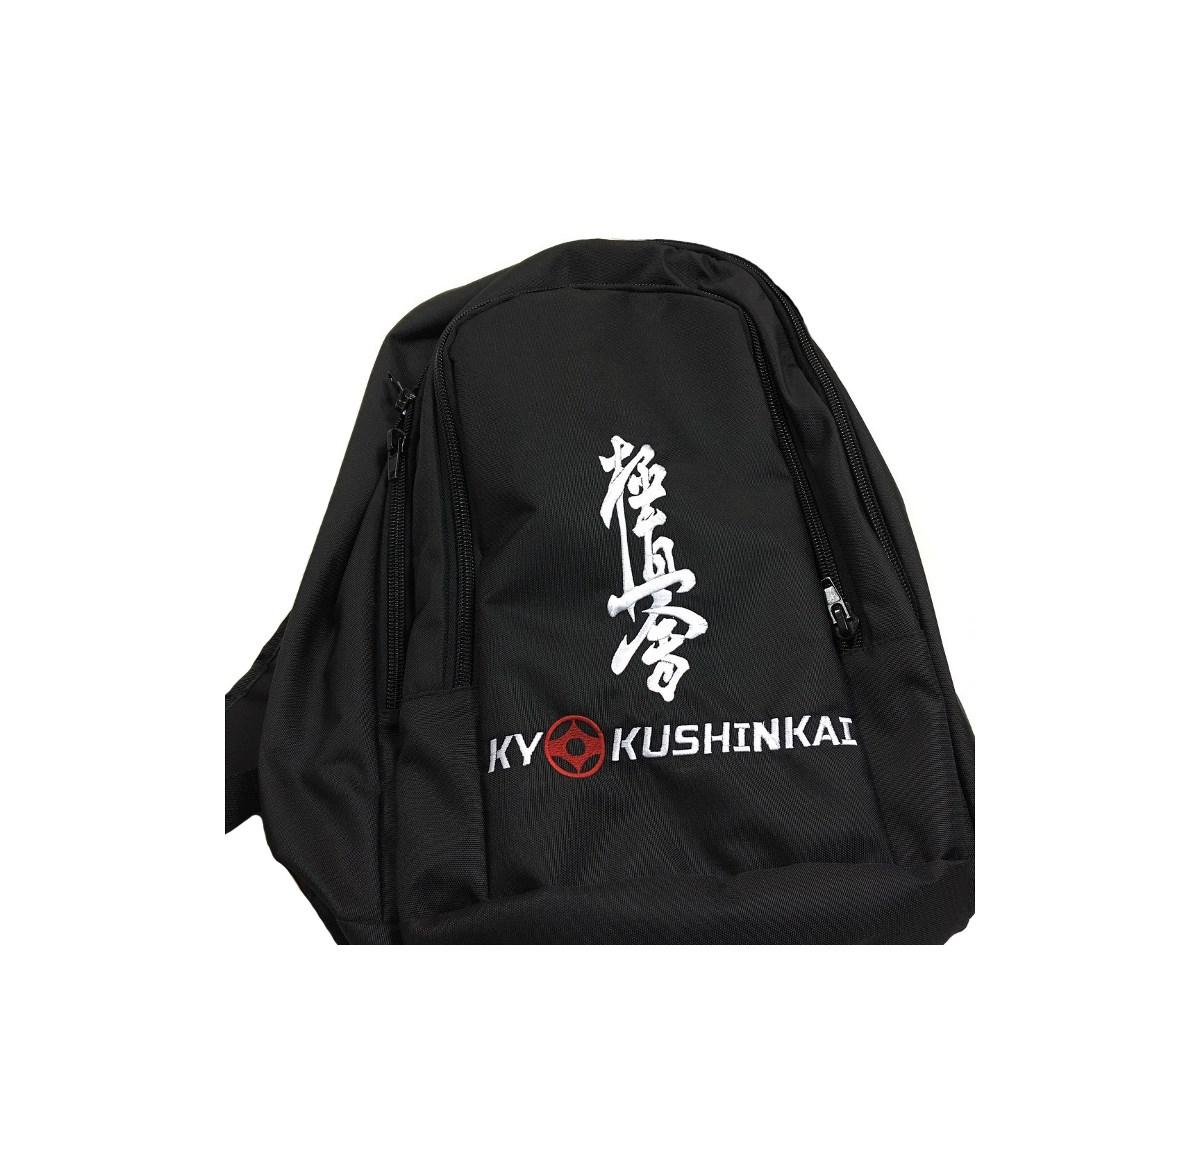 Рюкзак киокушинкай купить охотничий рюкзаки цены